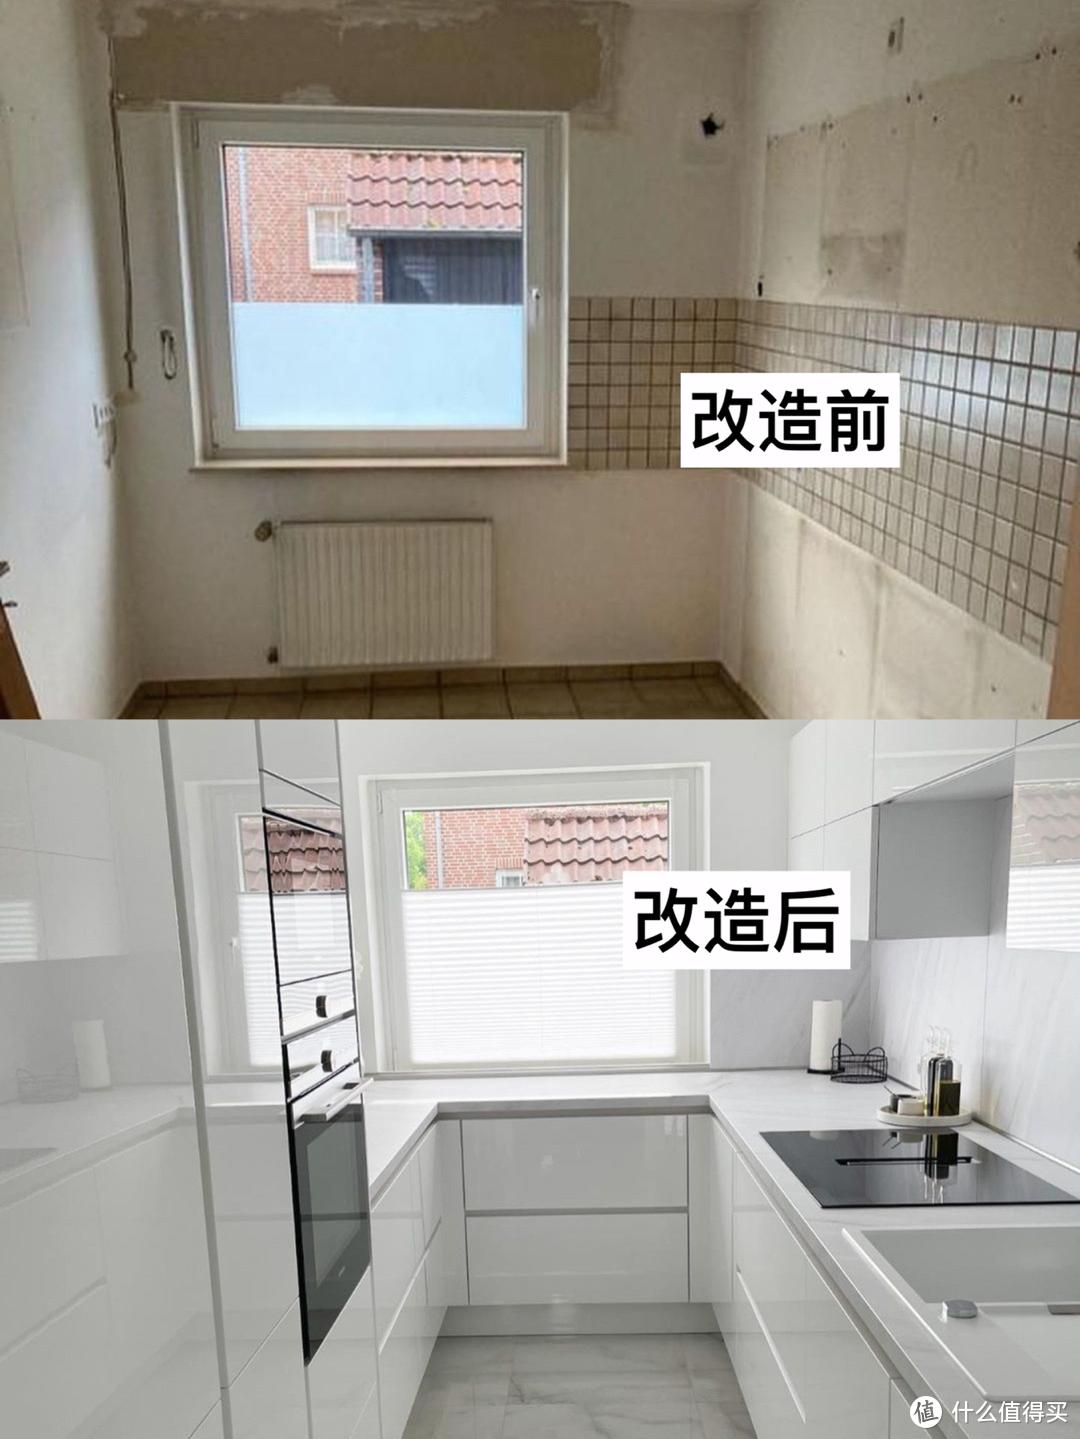 家居No.1·装修灵感·老破小厨房改造